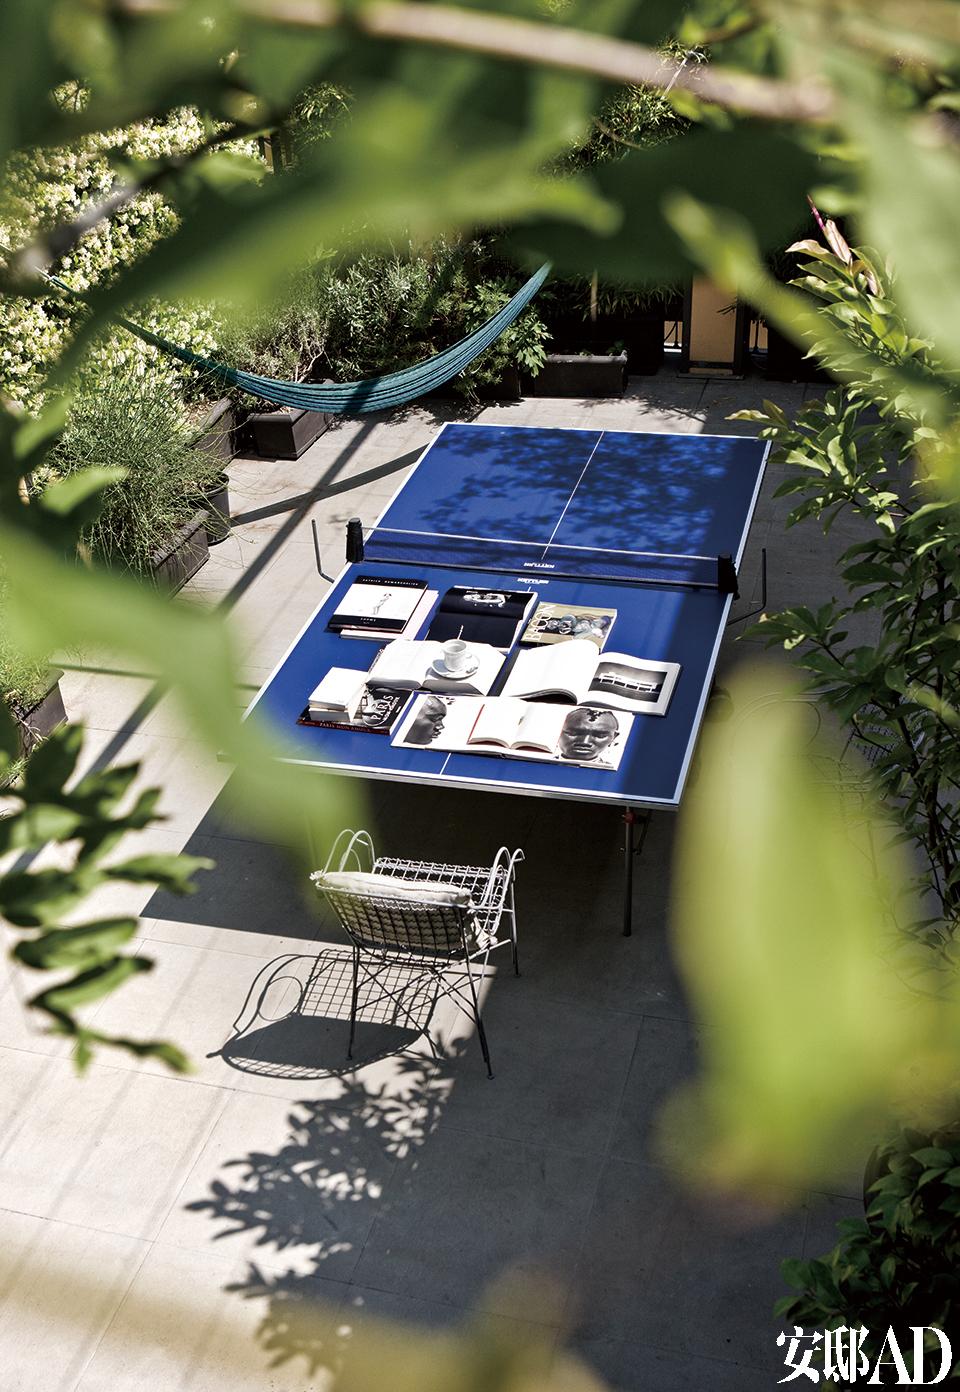 屋顶上还设置了一个乒乓球桌。